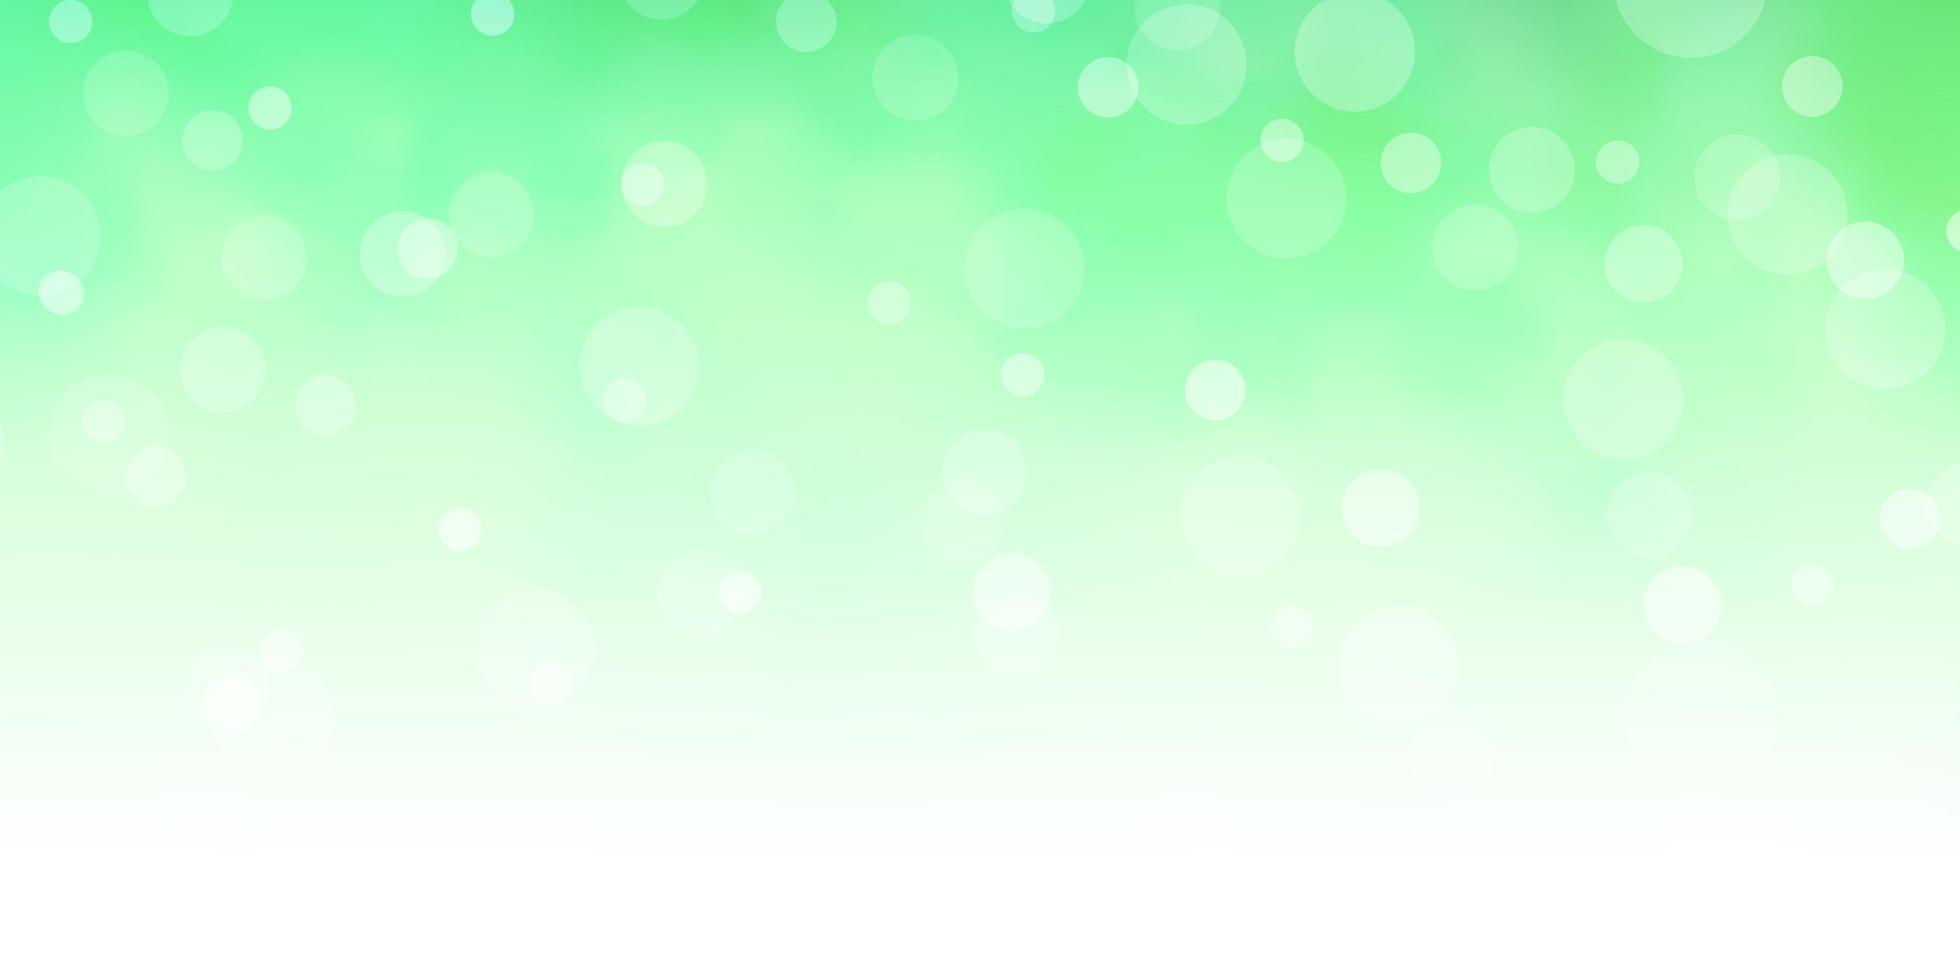 lichtgroen vector sjabloon met cirkels.